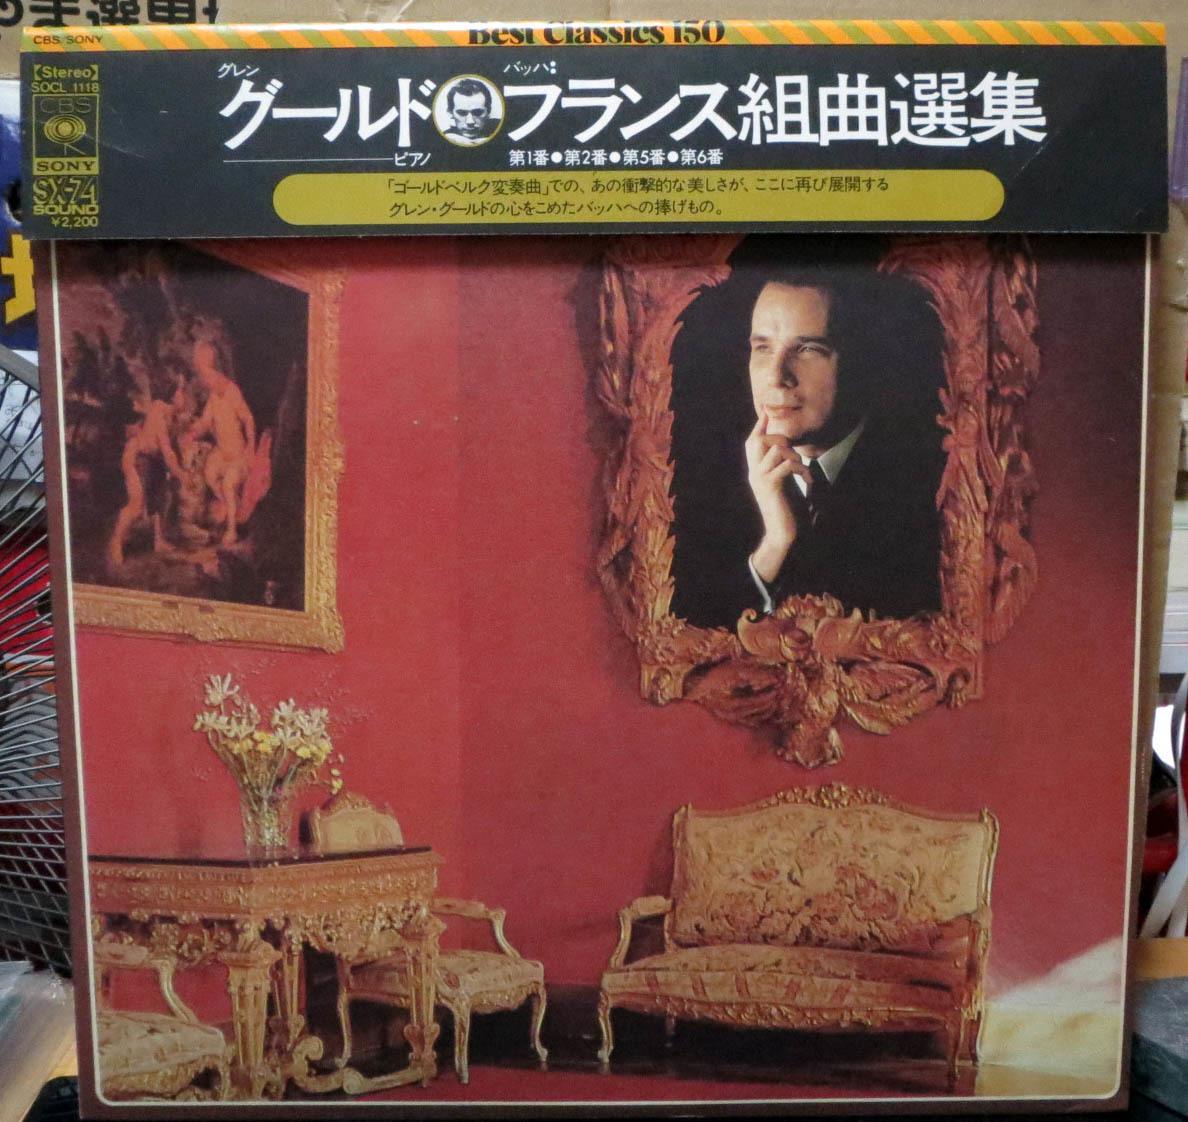 国内盤LP☆グレン・グールド/フランス組曲選集 第1番・第2番・第5番・第6番◆CBSソニー_画像1